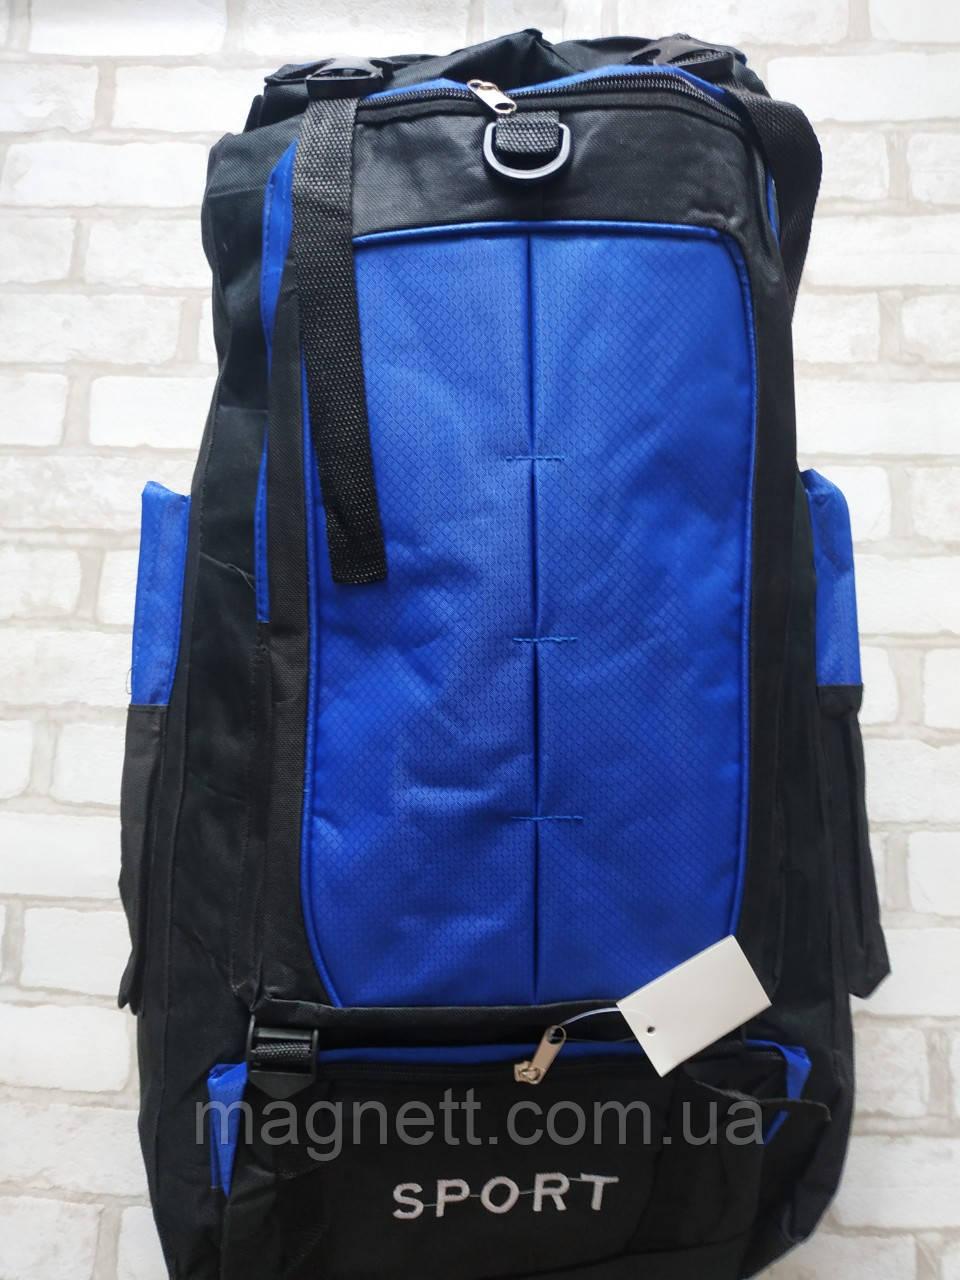 Туристический,походной дорожный рюкзак Sport 70 литров (синий)